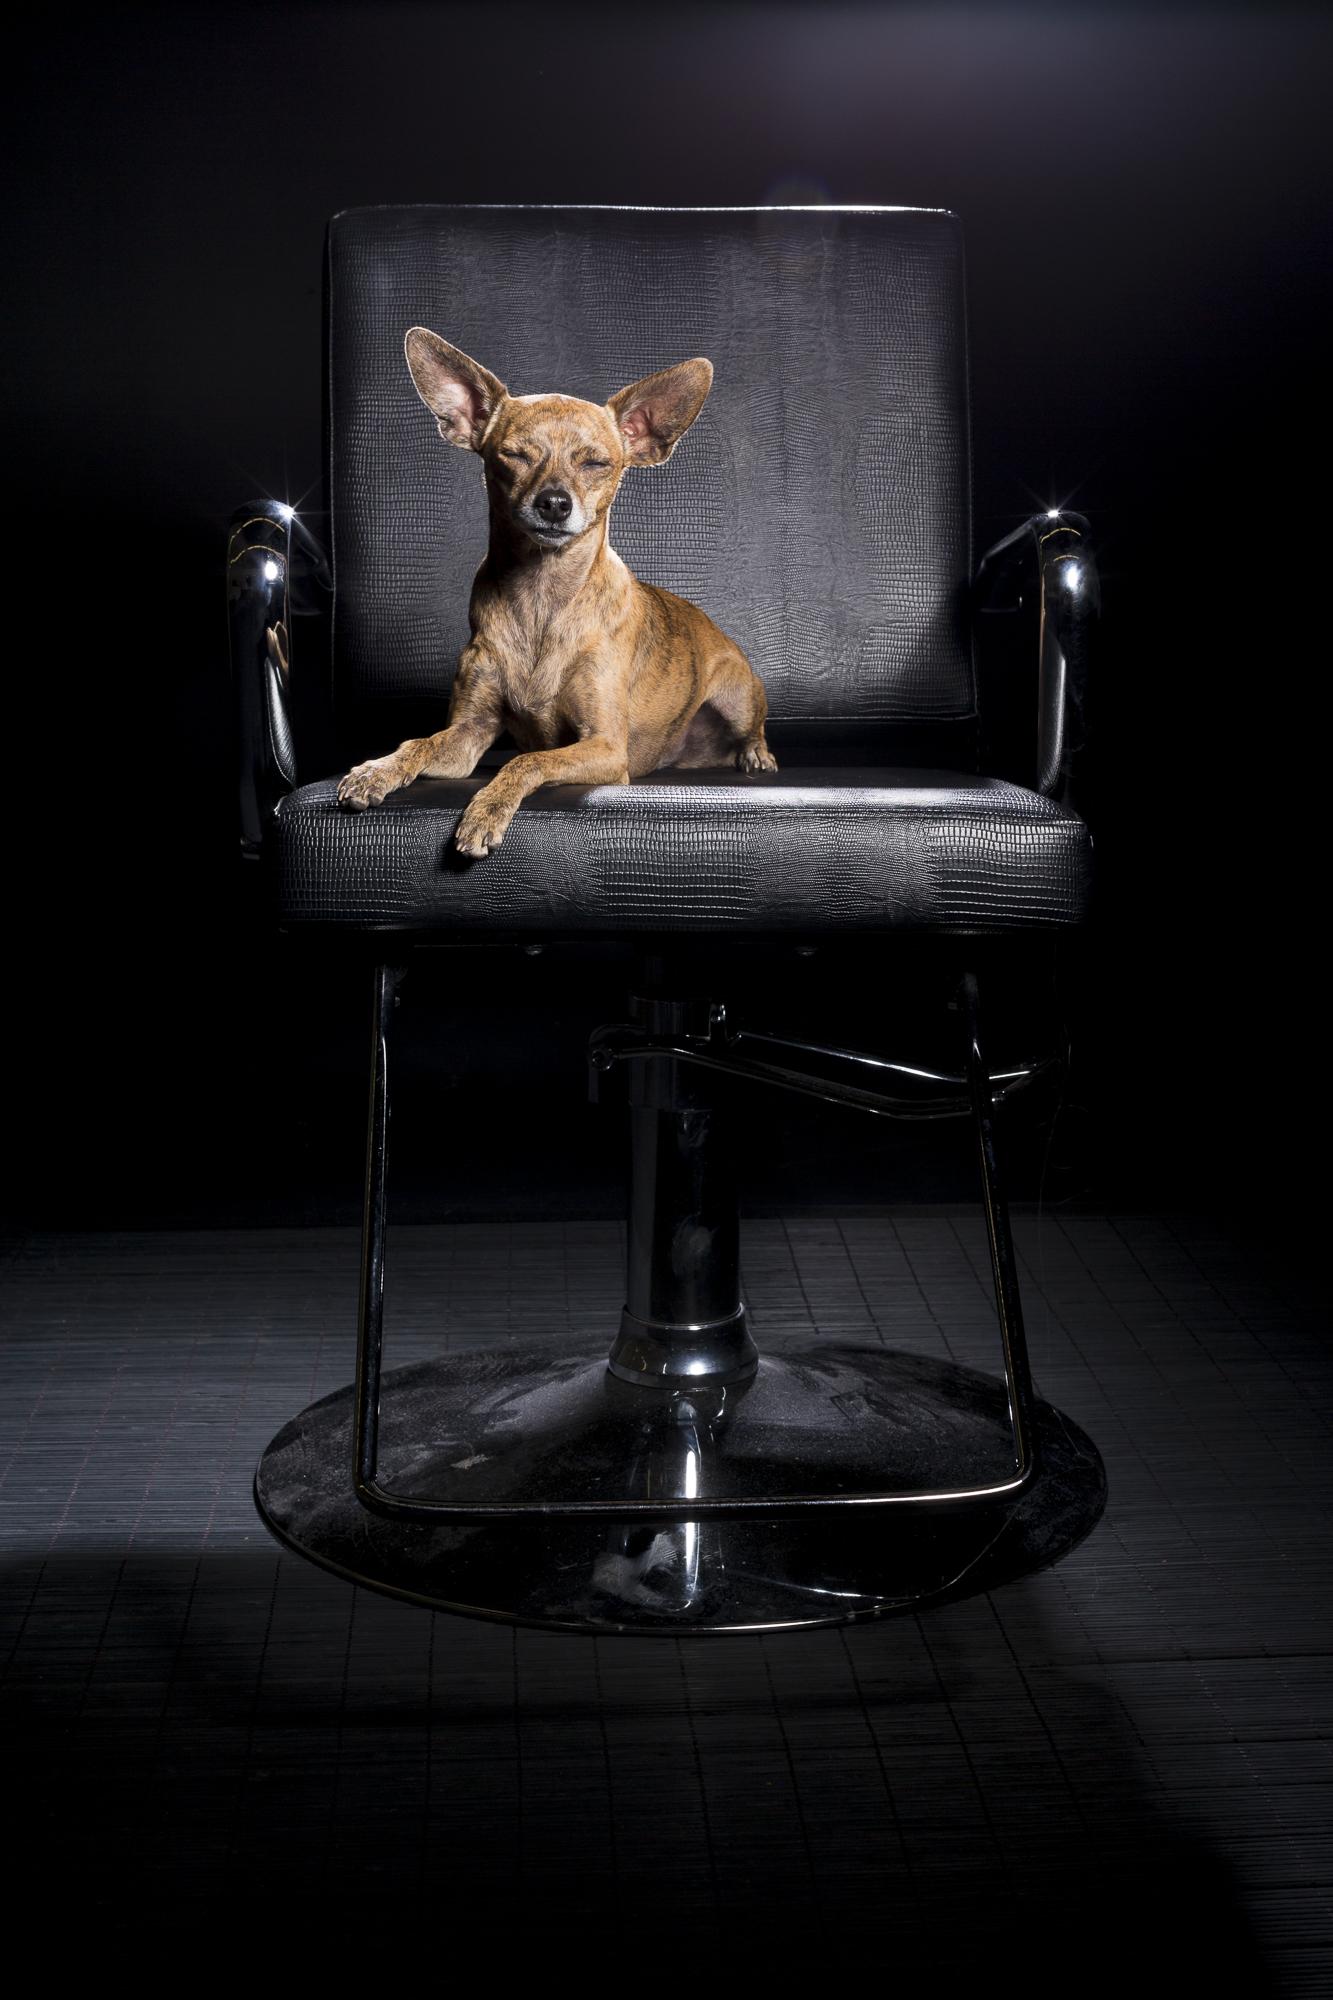 Bebe_chihuahua_dog_portraits-2695.jpg